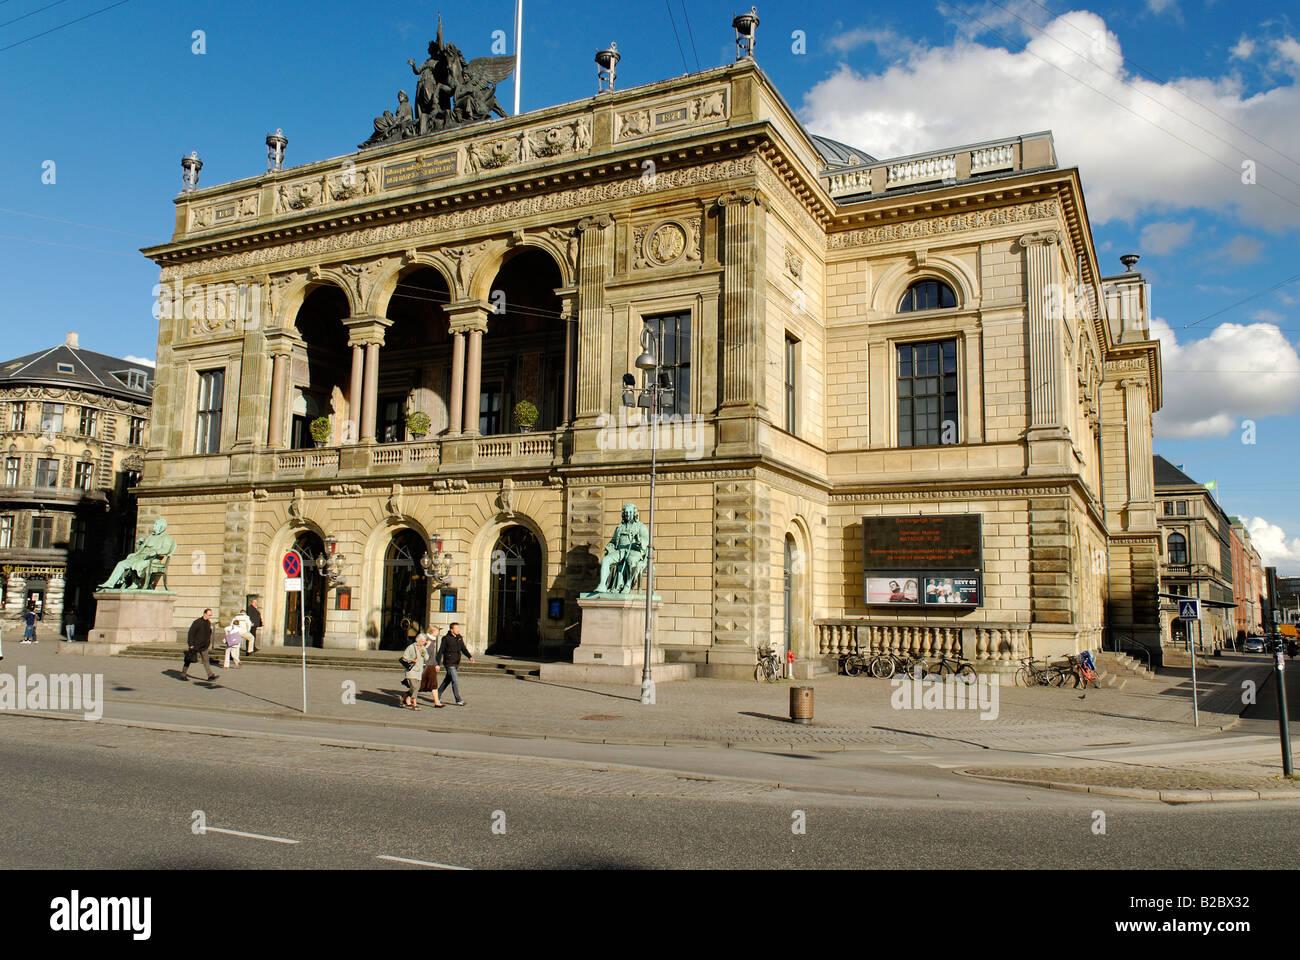 Royal Danish Theatre on Kongens Nytorv, King's New Square, Copenhagen, Denmark, Scandinavia, Europe - Stock Image